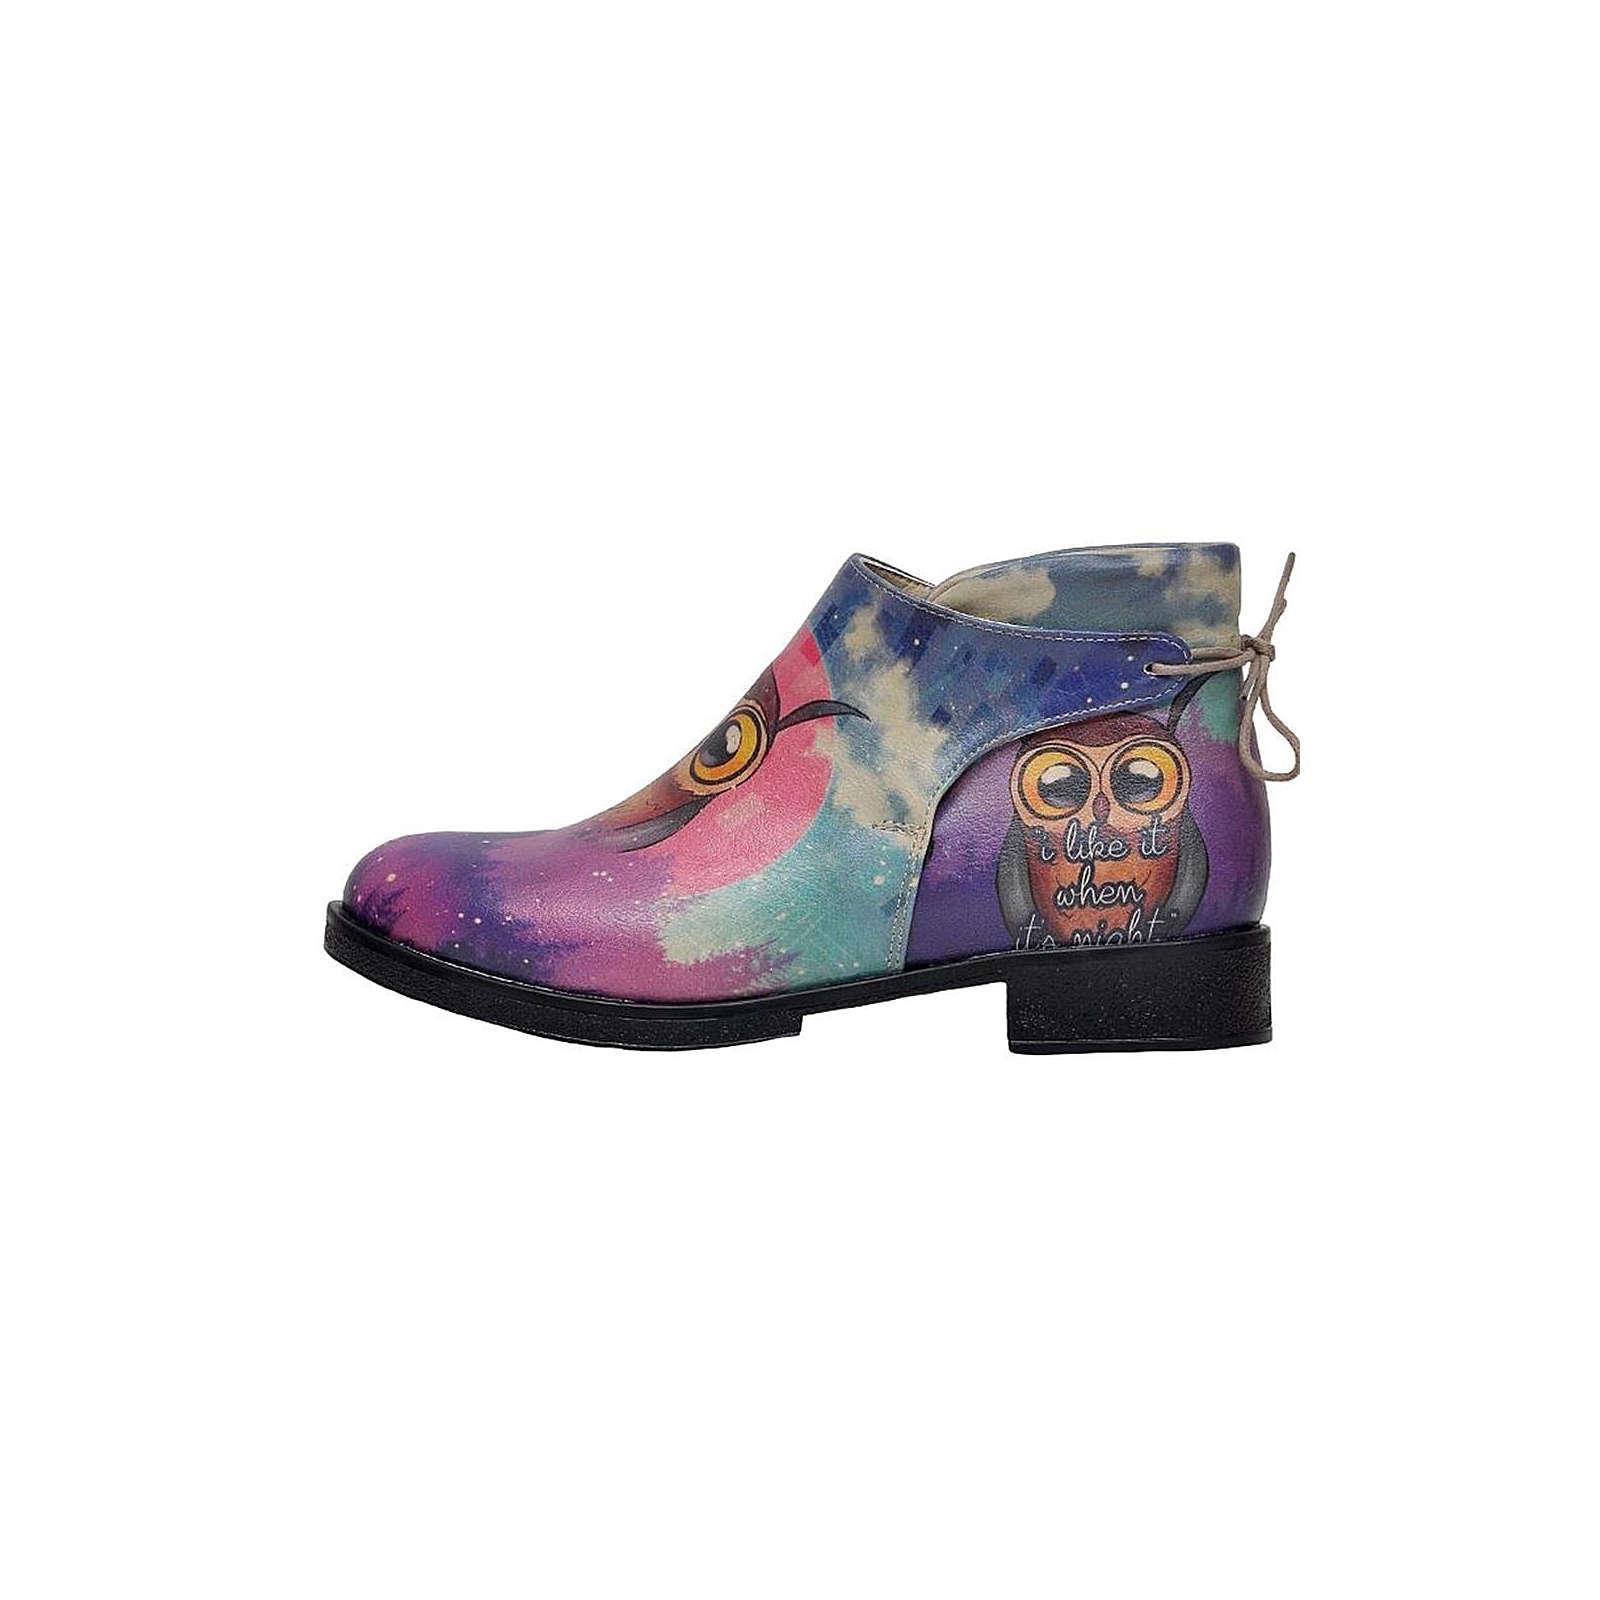 Dogo Shoes Chelsy I like it when it´s night Klassische Stiefeletten lila Damen Gr. 36